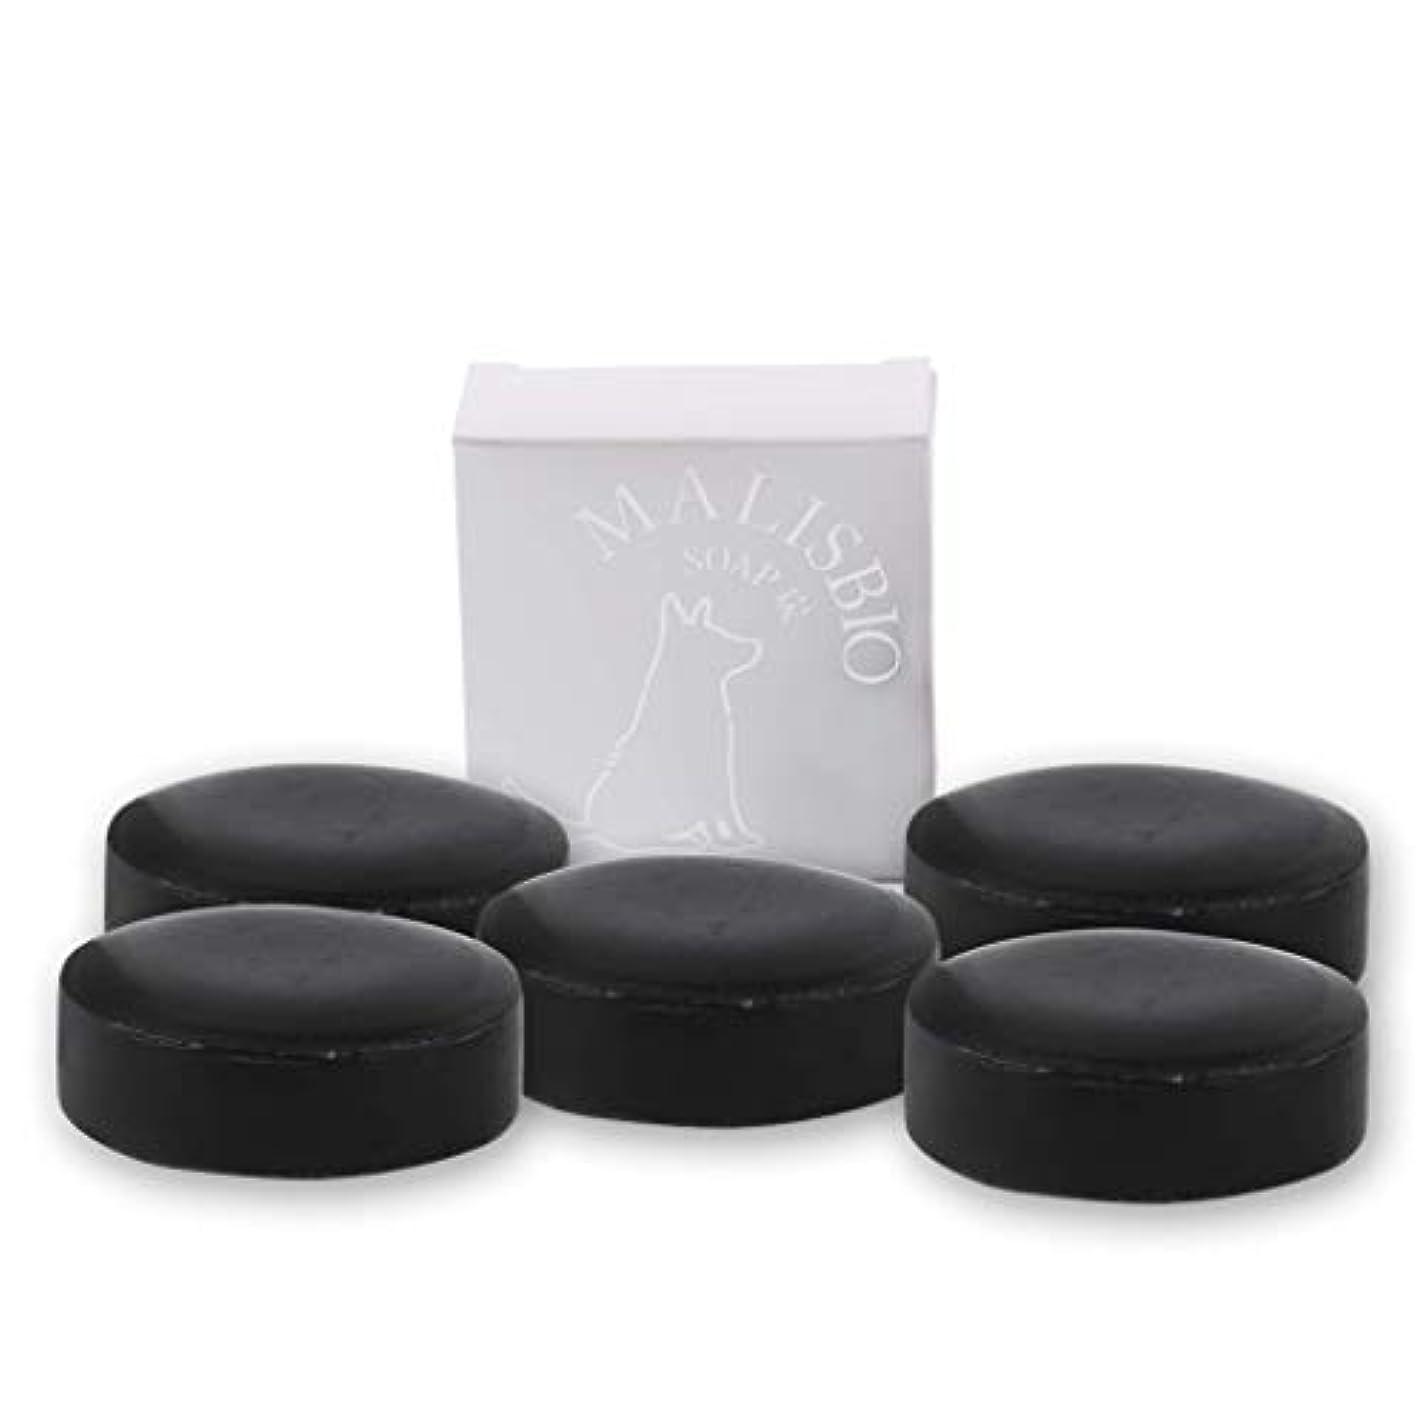 インデックスドナーチェスをする【送料無料】炭石鹸 たっぷりお得な100g × 5個 においを忘れる! 男のデオドラント 固形 炭ソープ メンズ マリスビオ 5個組